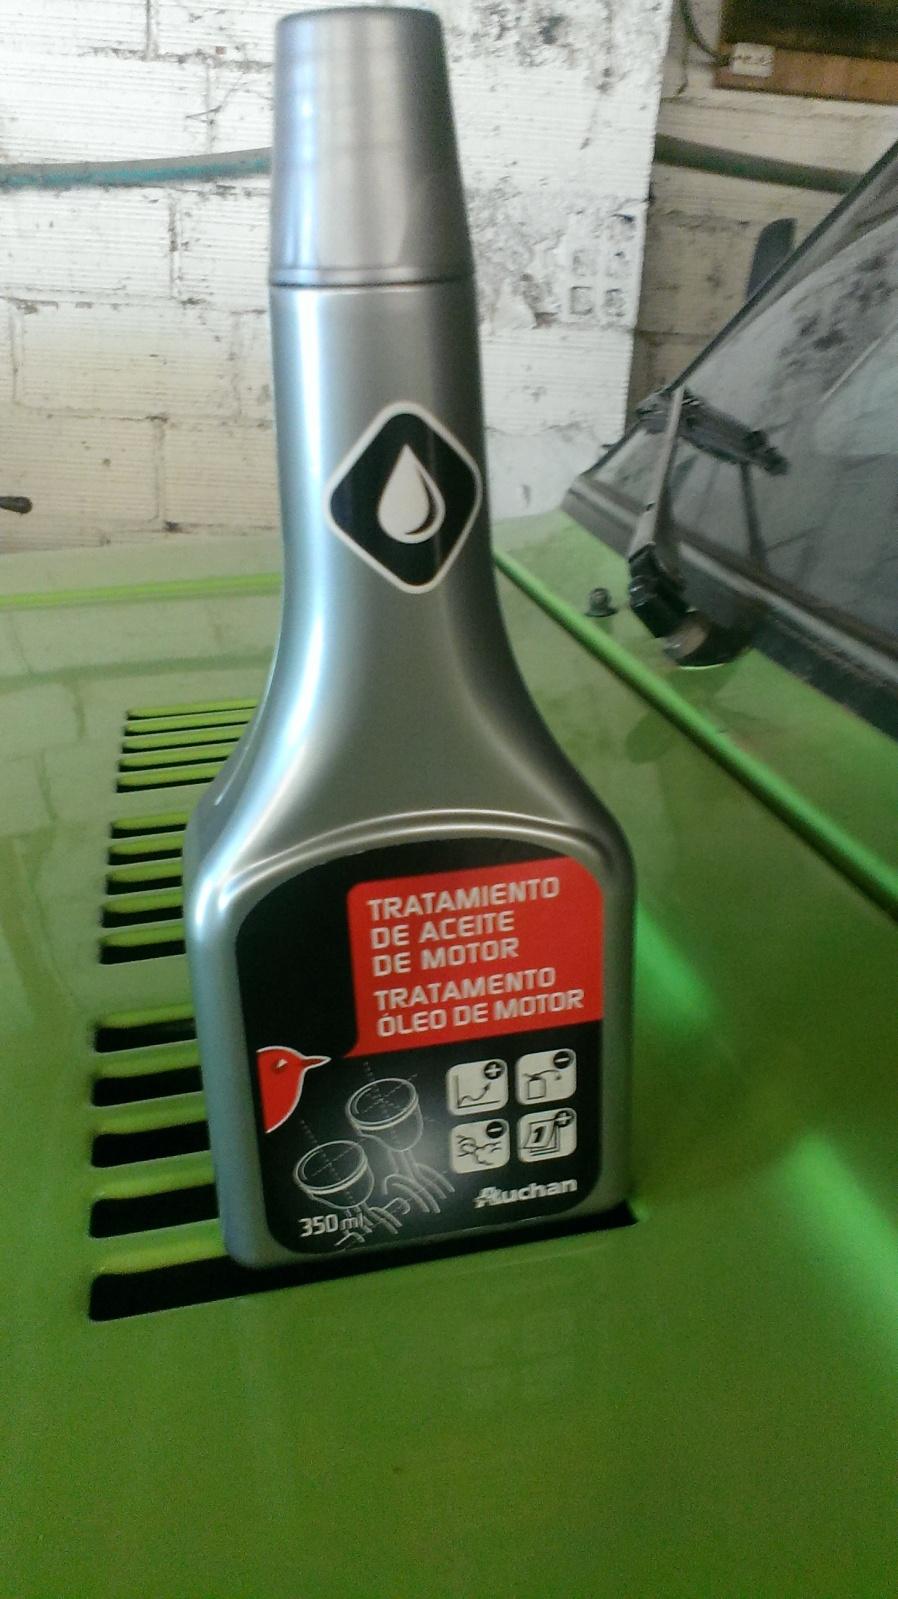 Limpieza del motor facil y nuevo aceite ( recomendado para niva 1600/1700) 28u019w